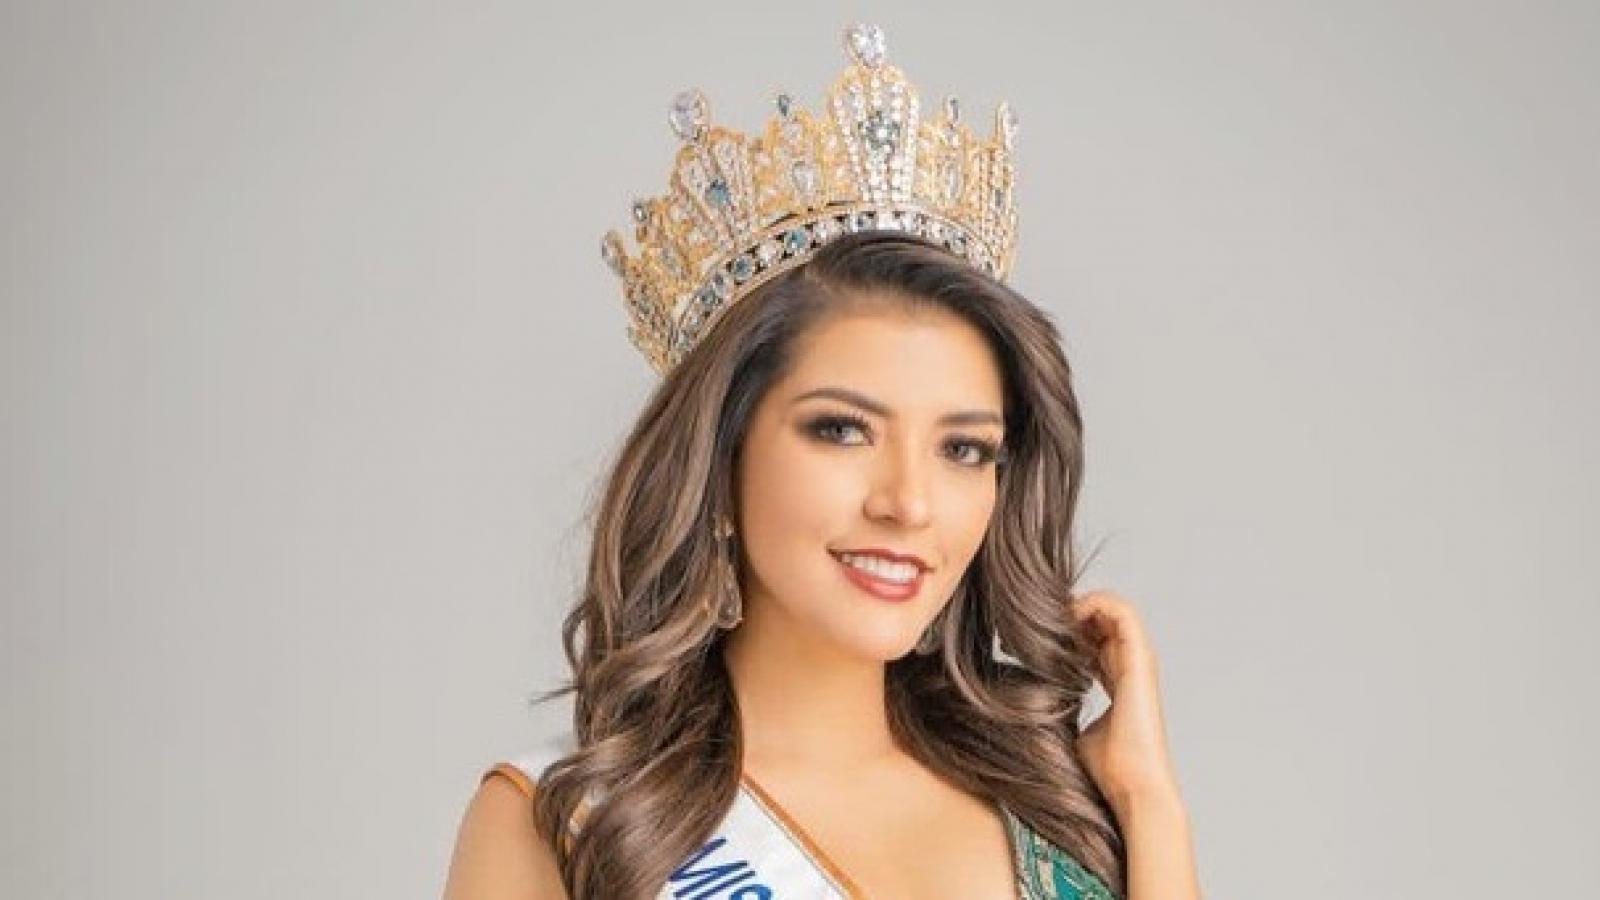 Tân Hoa hậu Siêu quốc gia Mexico 2021: Nhan sắc gây tranh cãi